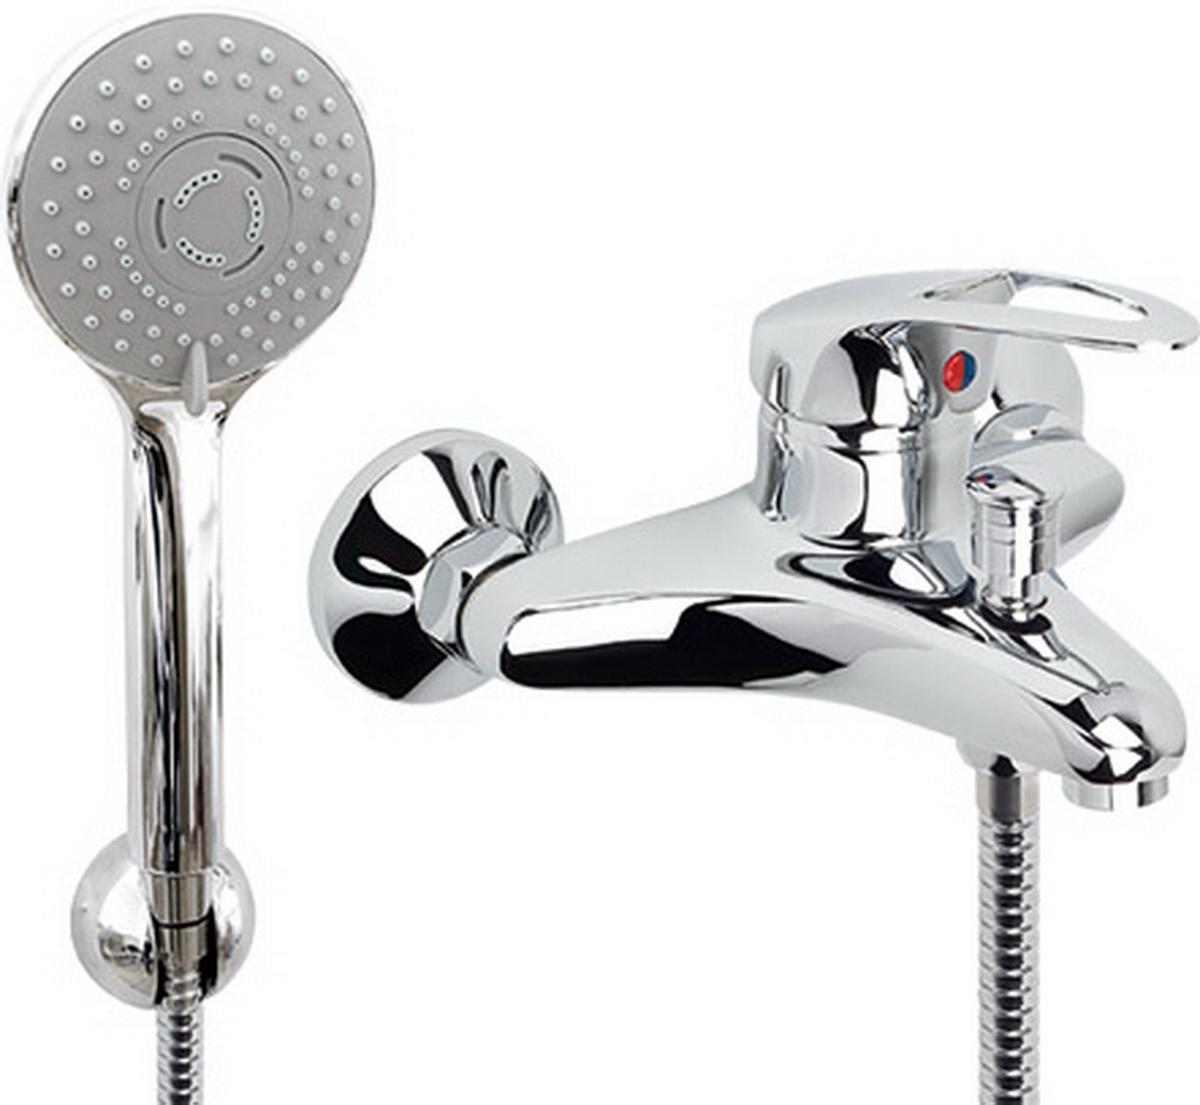 Argo смеситель для ванны Lux Olio, d-409709Смеситель для ванны 40-05l olio картридж d-40 мм short-size, крепеж эксцентрик усиленный 3/4 х 1/2 + прокладка-фильтр аэратор м24х1 наружная резьба only plast 10 - 13 л/мин. при 0,3 МПа покрытие никель / хром комплектация душевой шланг 150 см, оплетка - хромированная нержавеющая сталь, двойной замок, 1/2 душевая лейка Lux трехпозиционная: душ, массаж, душ/массаж кронштейн двухпозиционный материал основа латунь